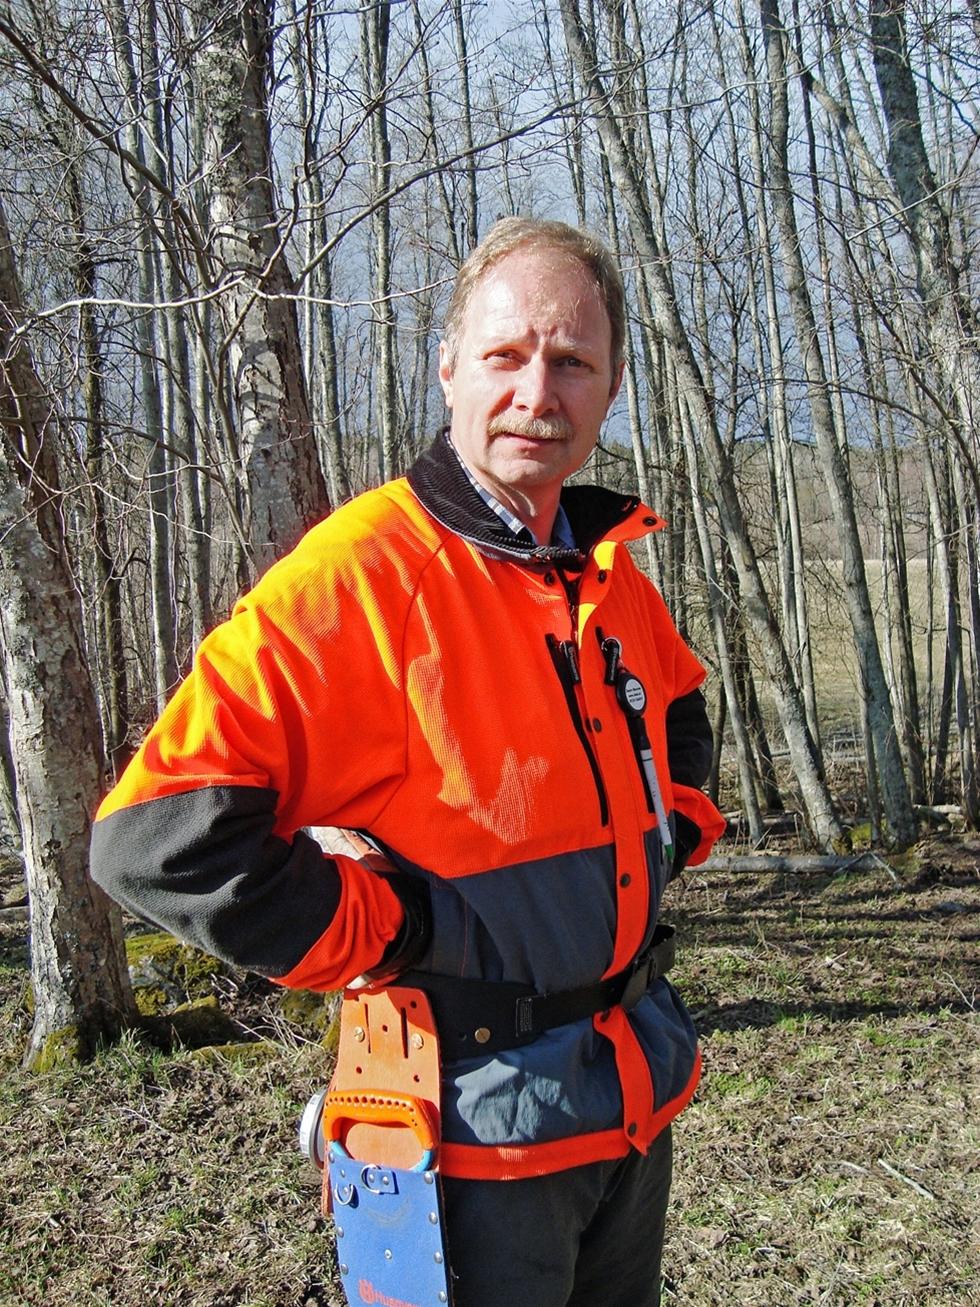 Sverige har varit världsledande med motorsågsutbildning. – Vi lärde världen att arbeta effektivt och säkert. Sen halkade vi efter och höll på förlora vår kompetens, säger Tomas Gullberg, vd för Säker skog.